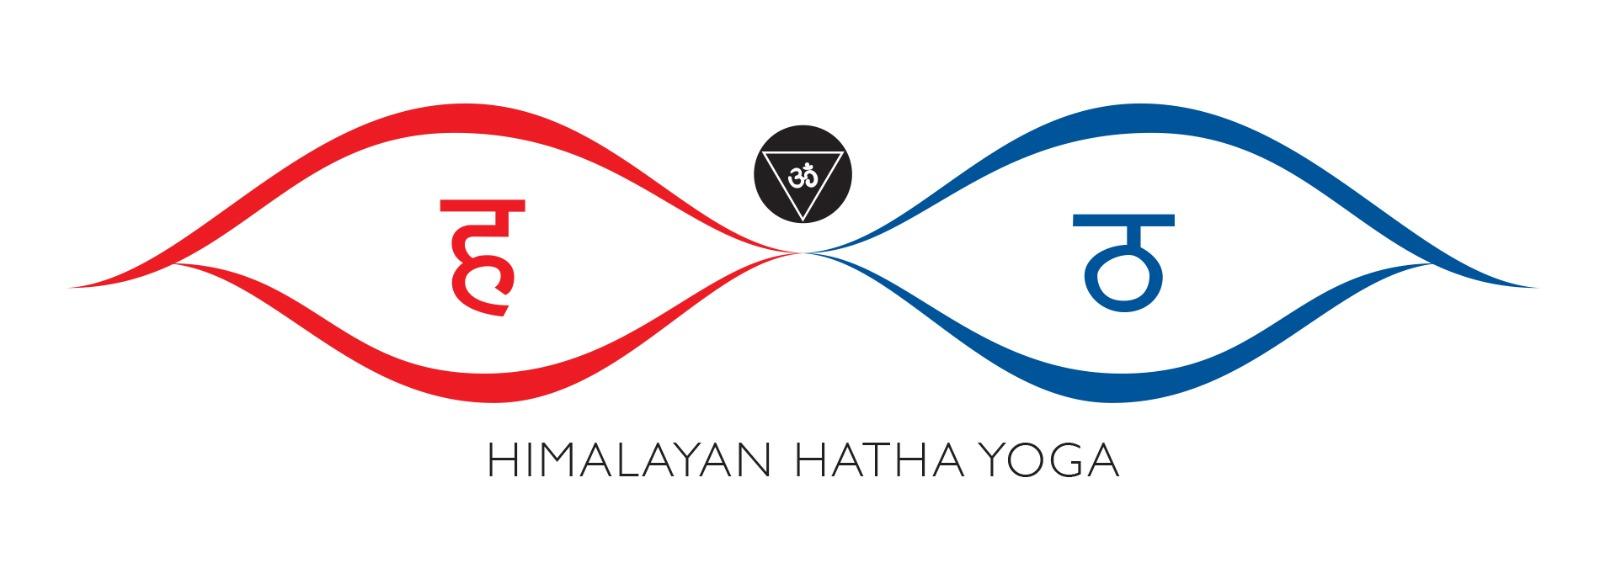 Himalayan Hatha Yoga